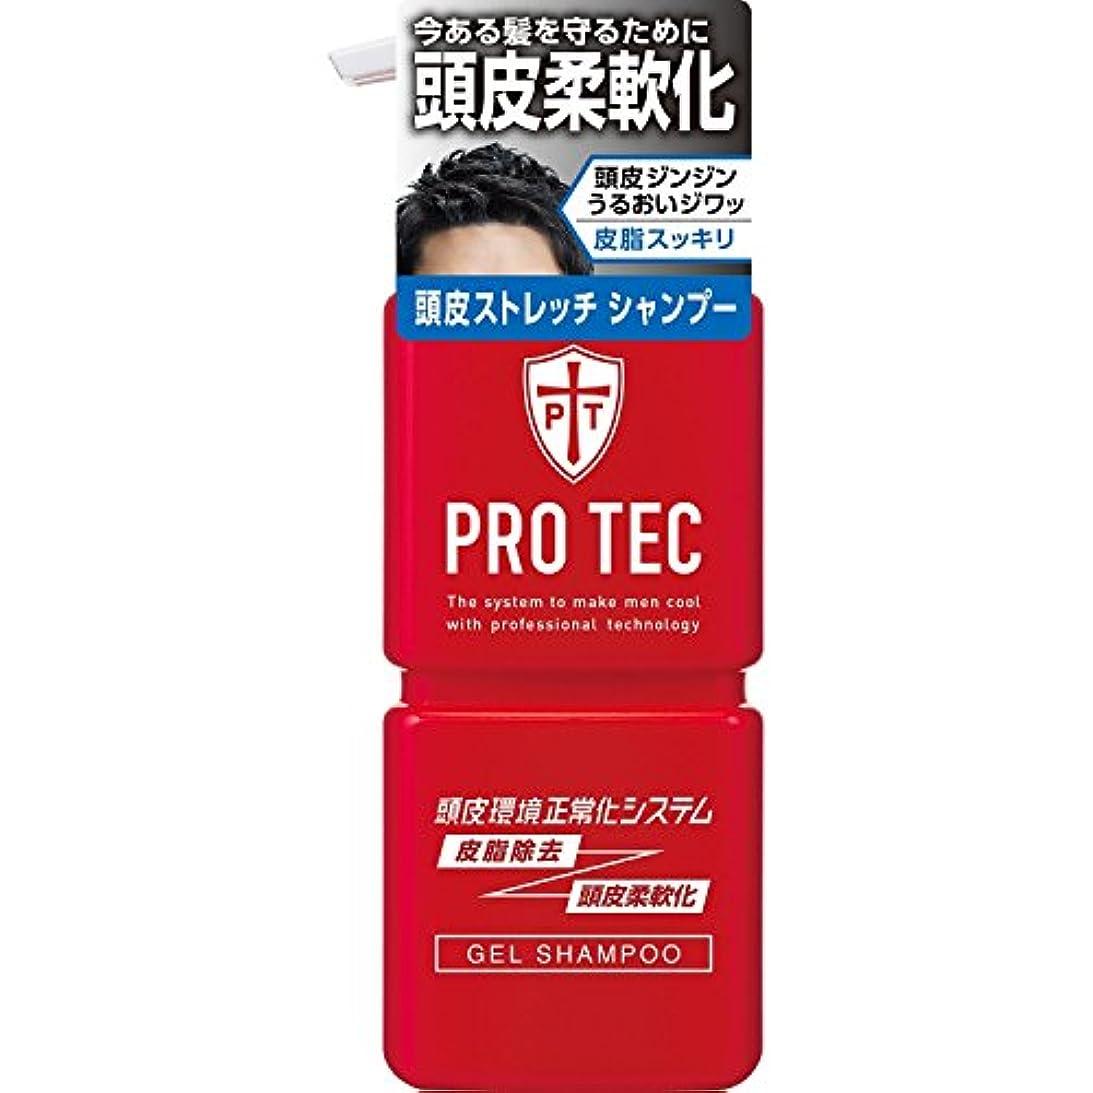 力学現象促進するPRO TEC(プロテク) 頭皮ストレッチ シャンプー 本体ポンプ 300g(医薬部外品)